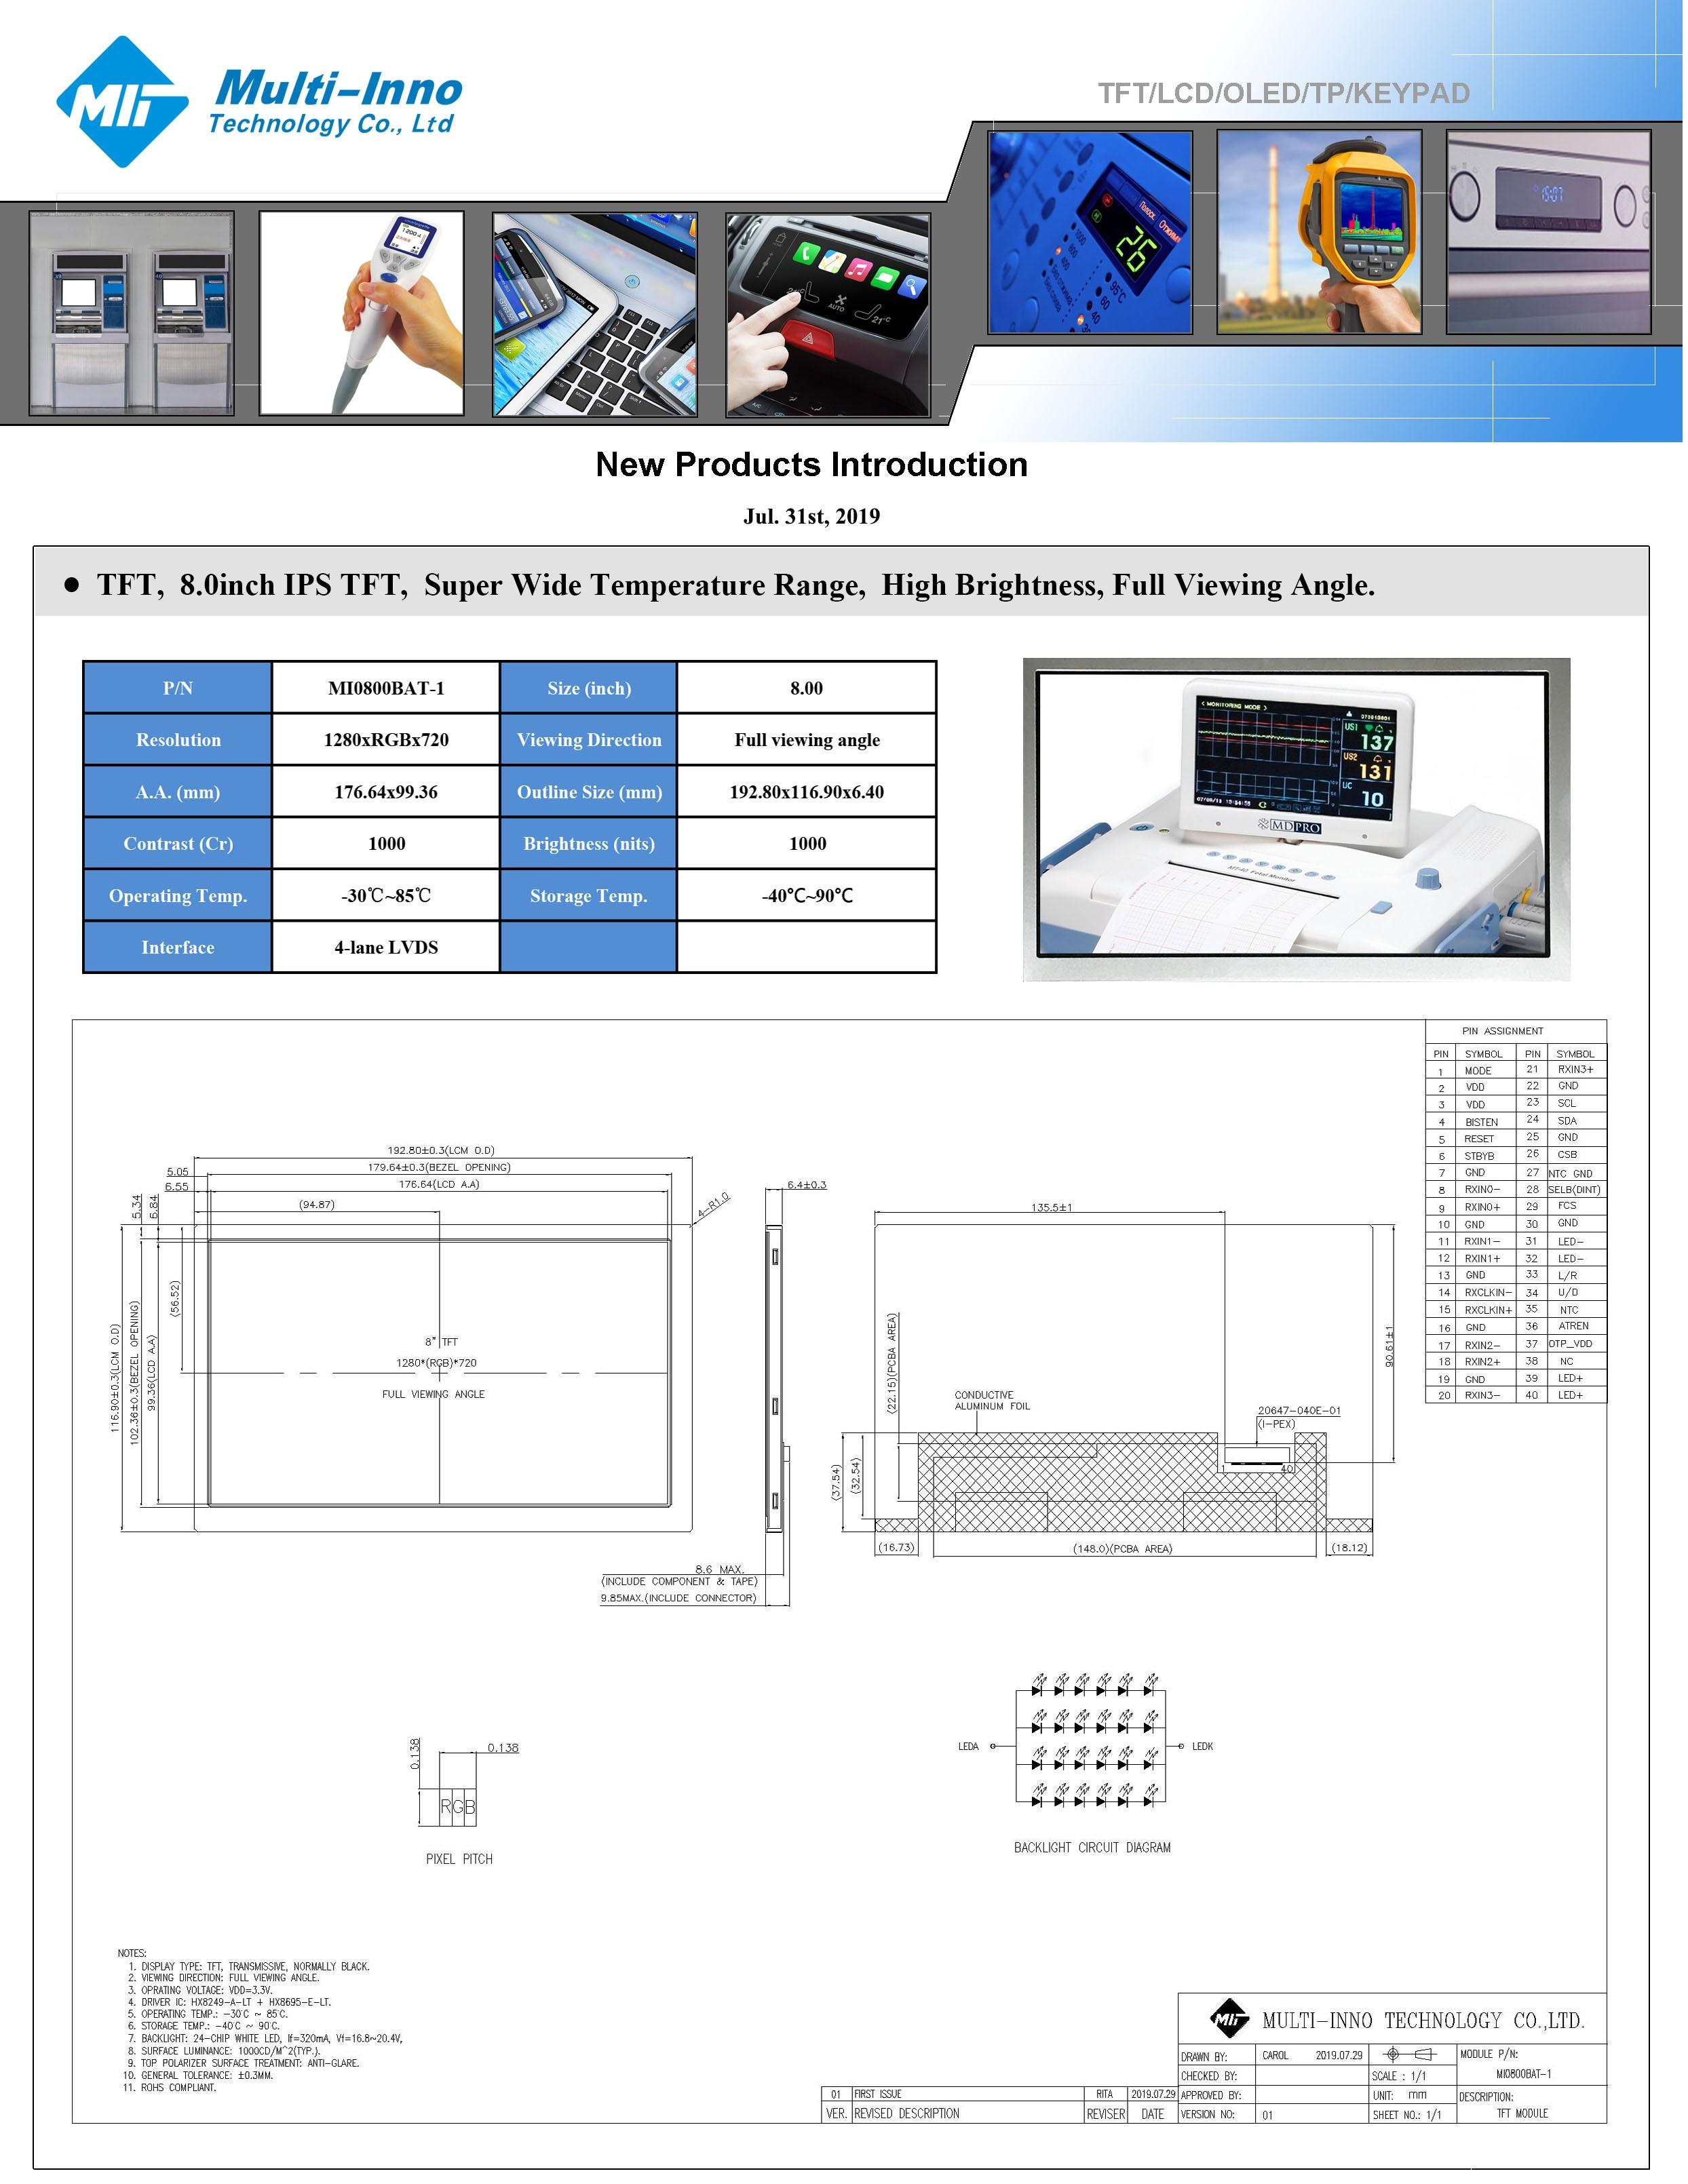 Ny 8inch TFT med 1000 nits, IPS och brett temperaturområde